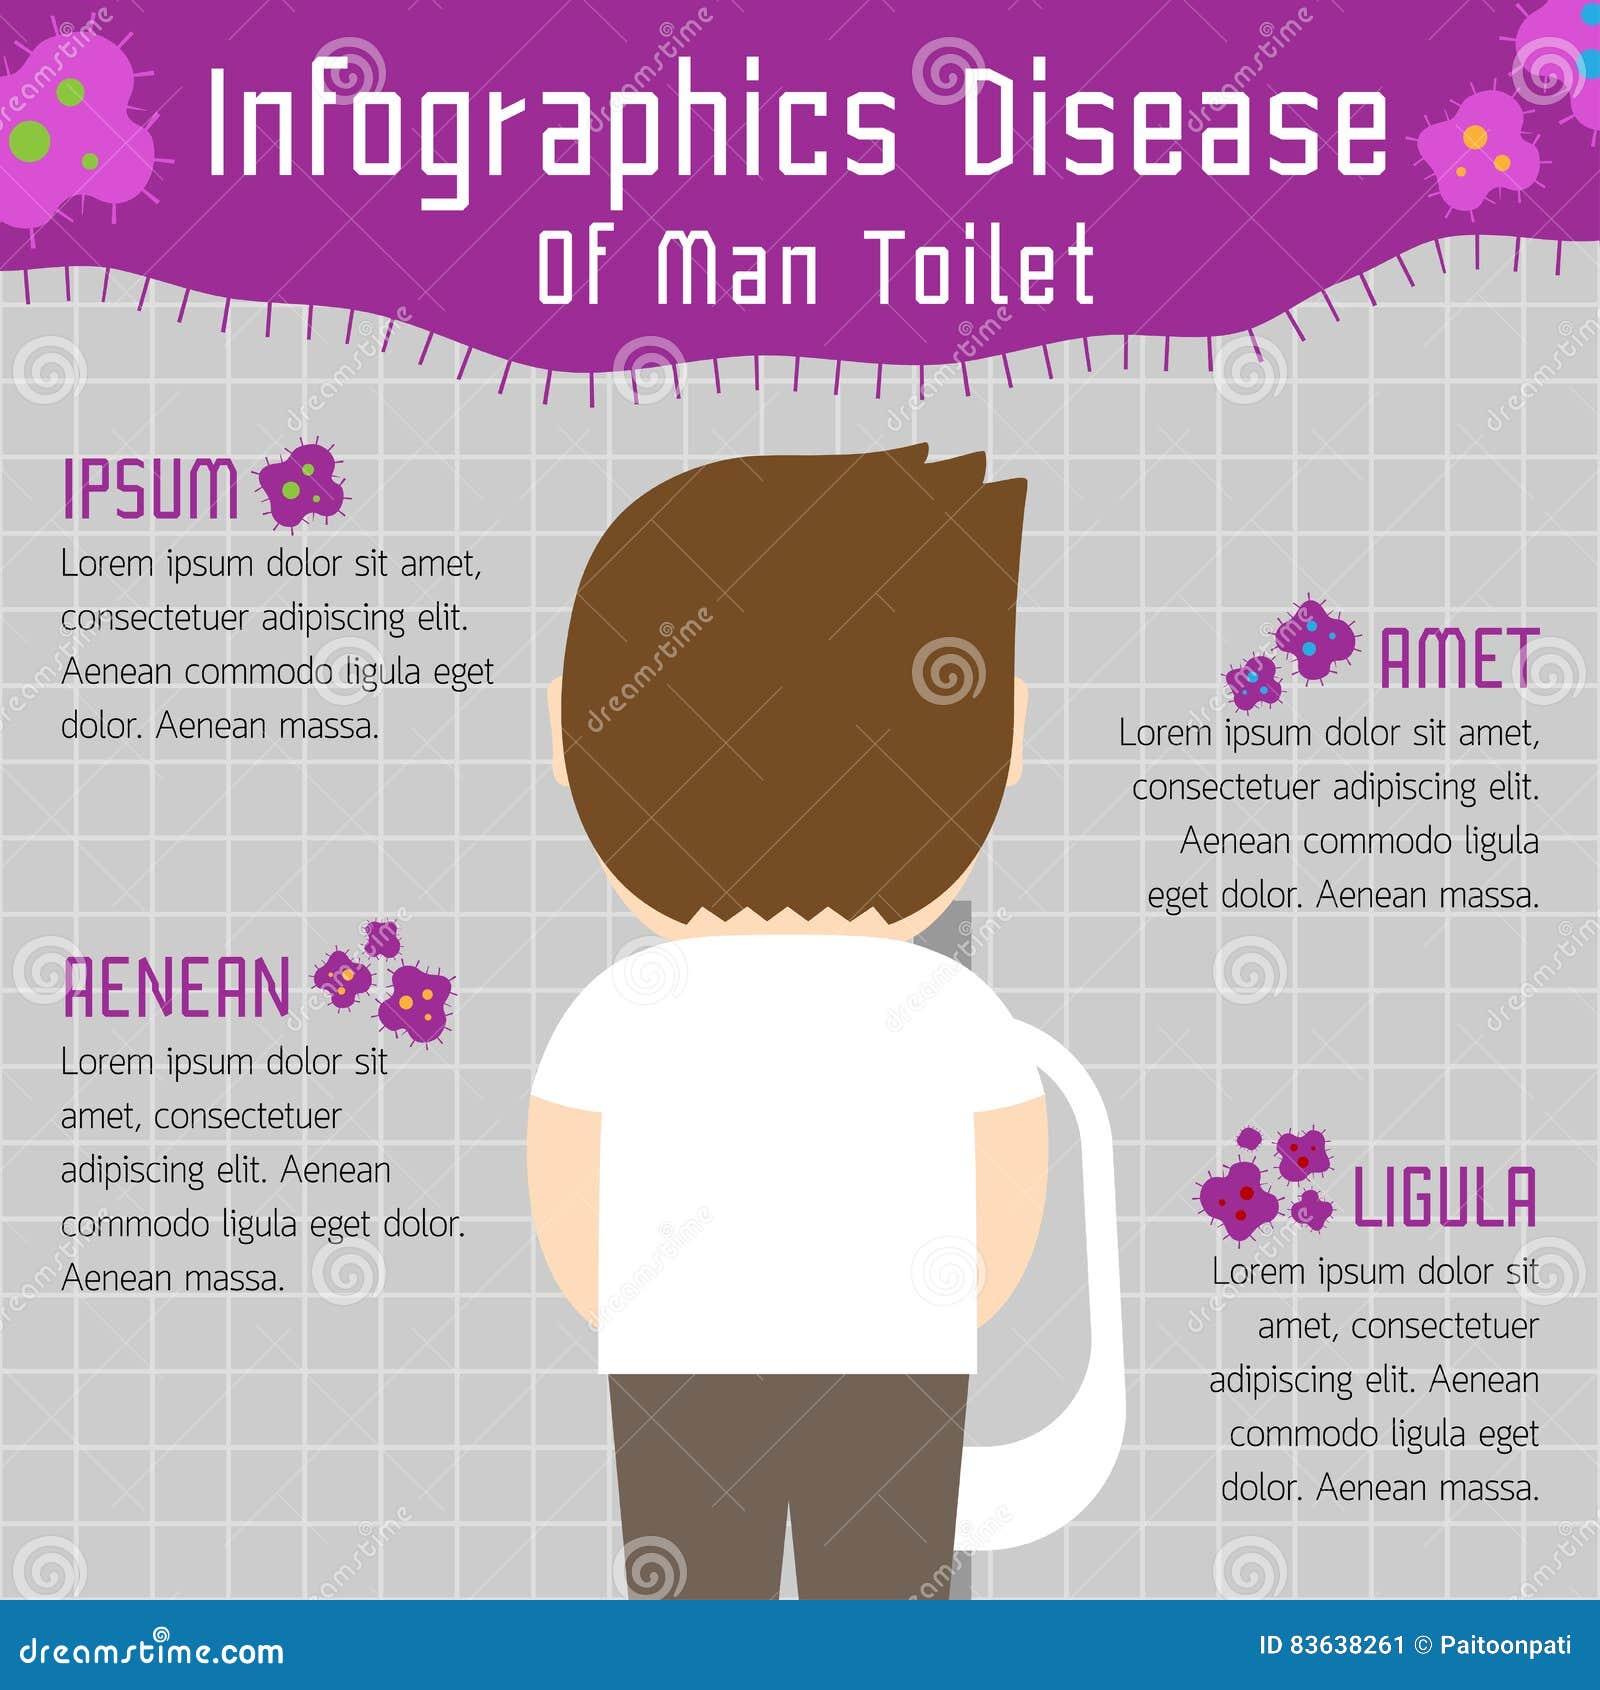 La maladie de l infographics de toilette de l homme